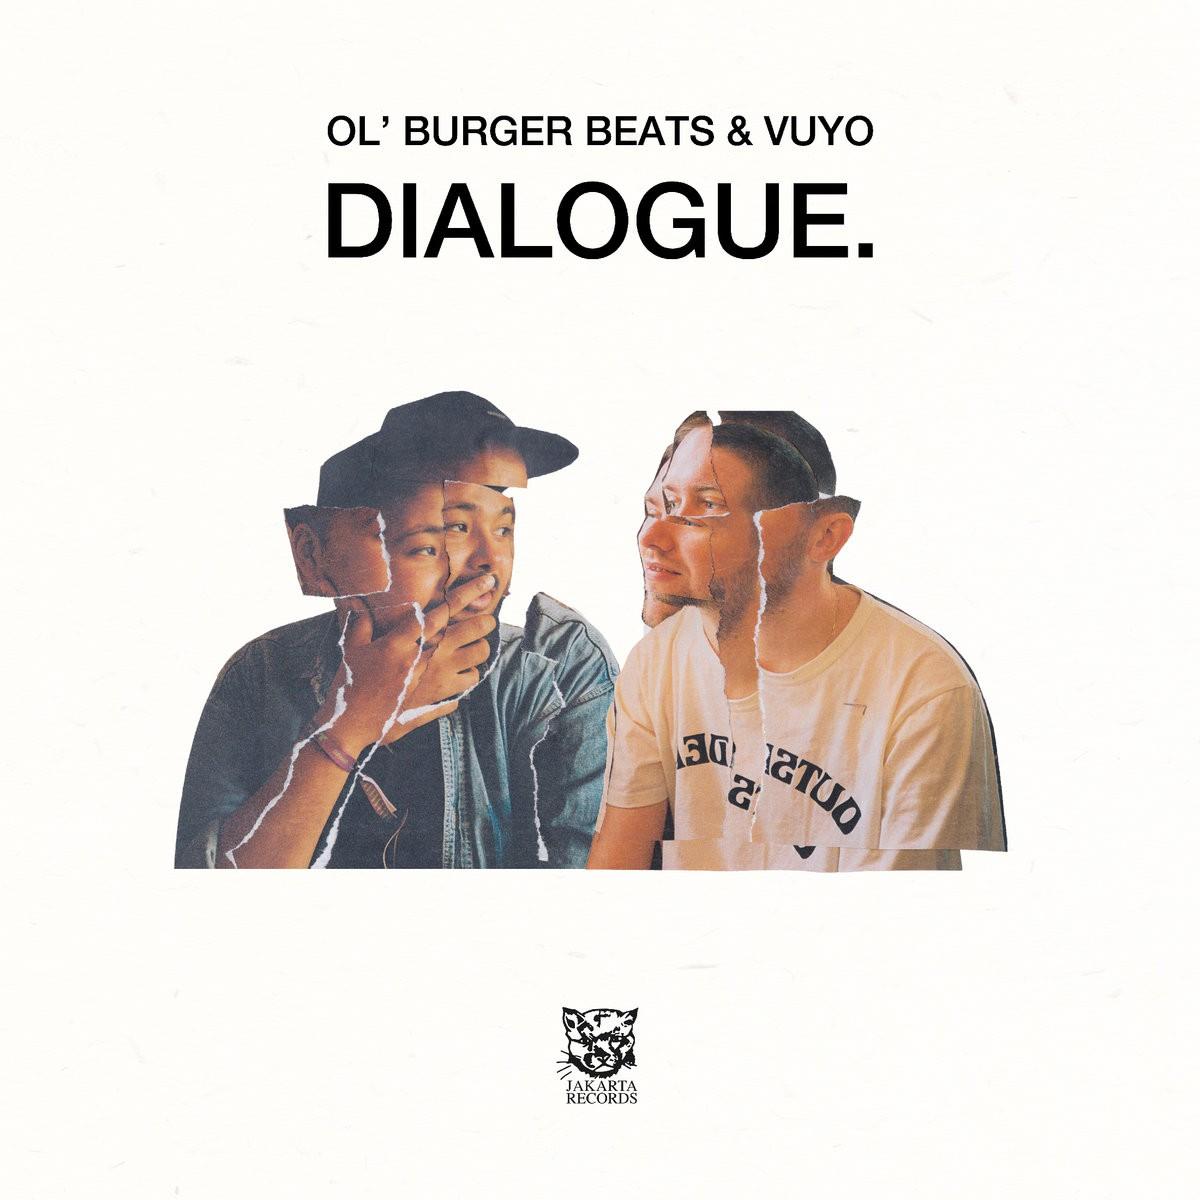 Ol' Burger Beats & Vuyo - Dialogue.